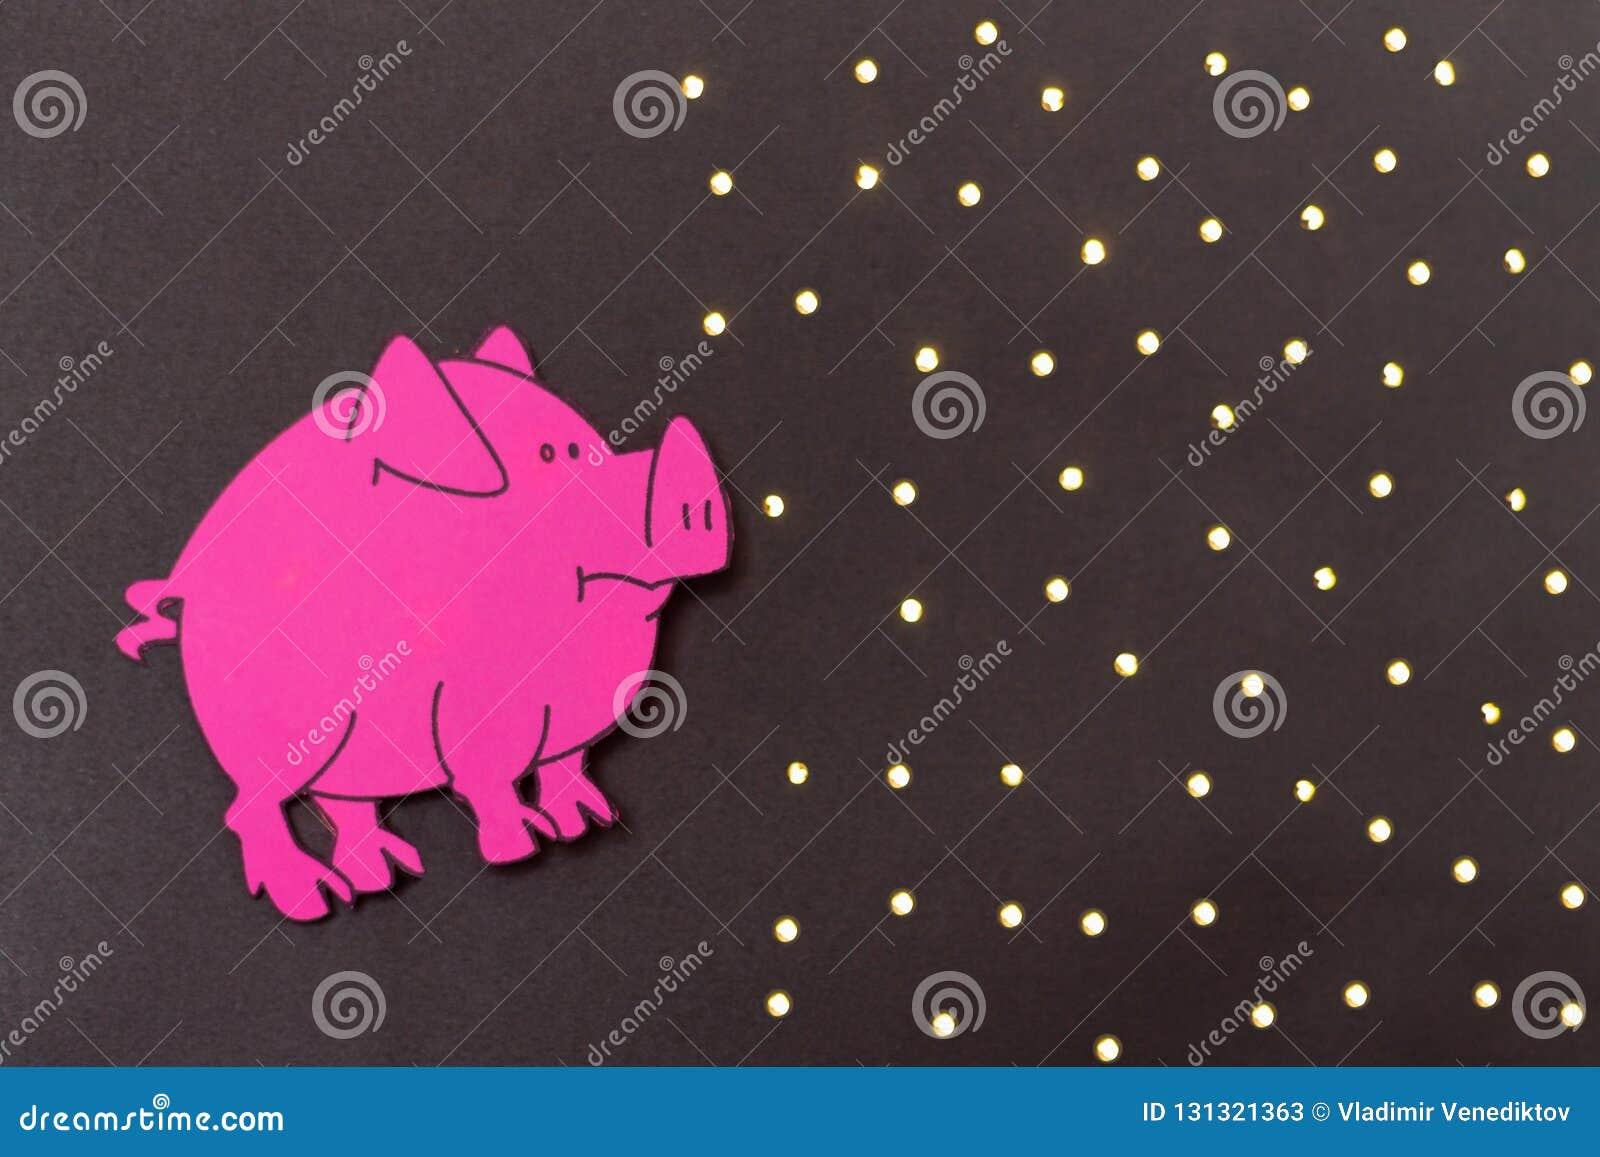 Китайский год знака зодиака свиньи, свинья отрезка бумаги пинка, С Новым Годом! 2019 год Черная предпосылка